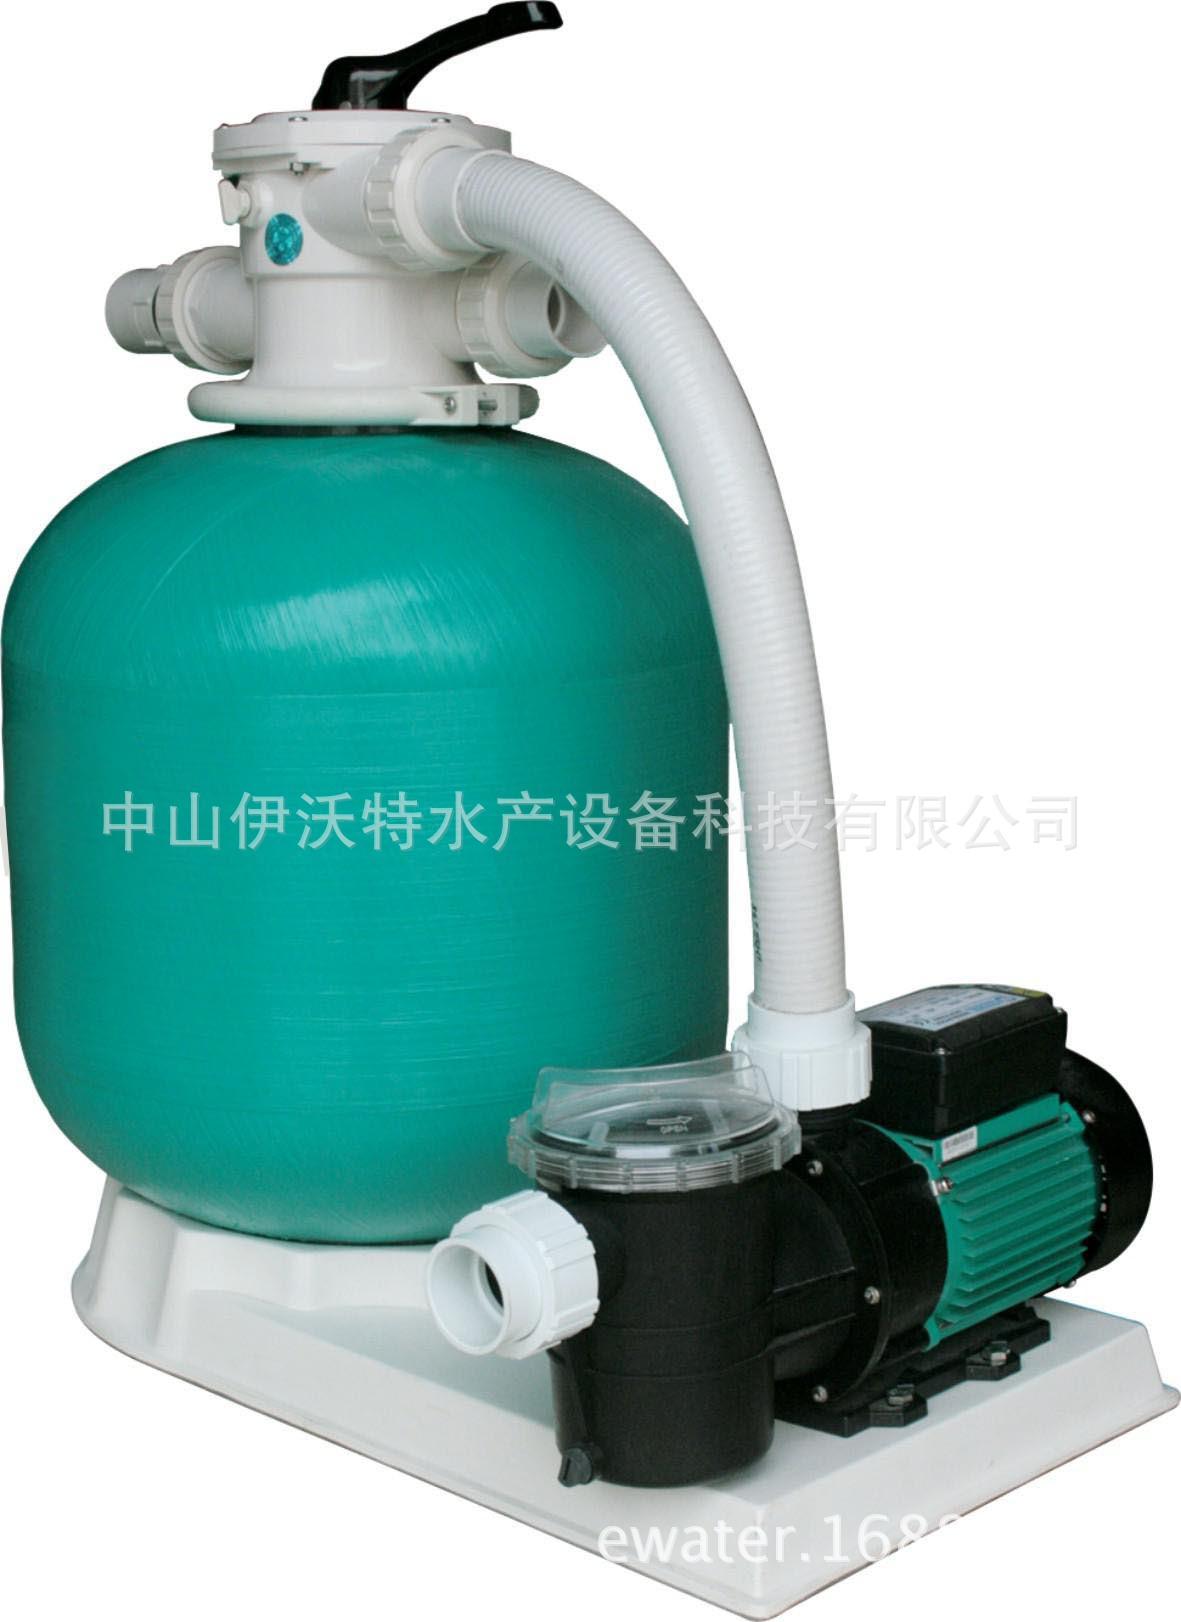 沙缸 便携一体式过滤器含水泵及底座